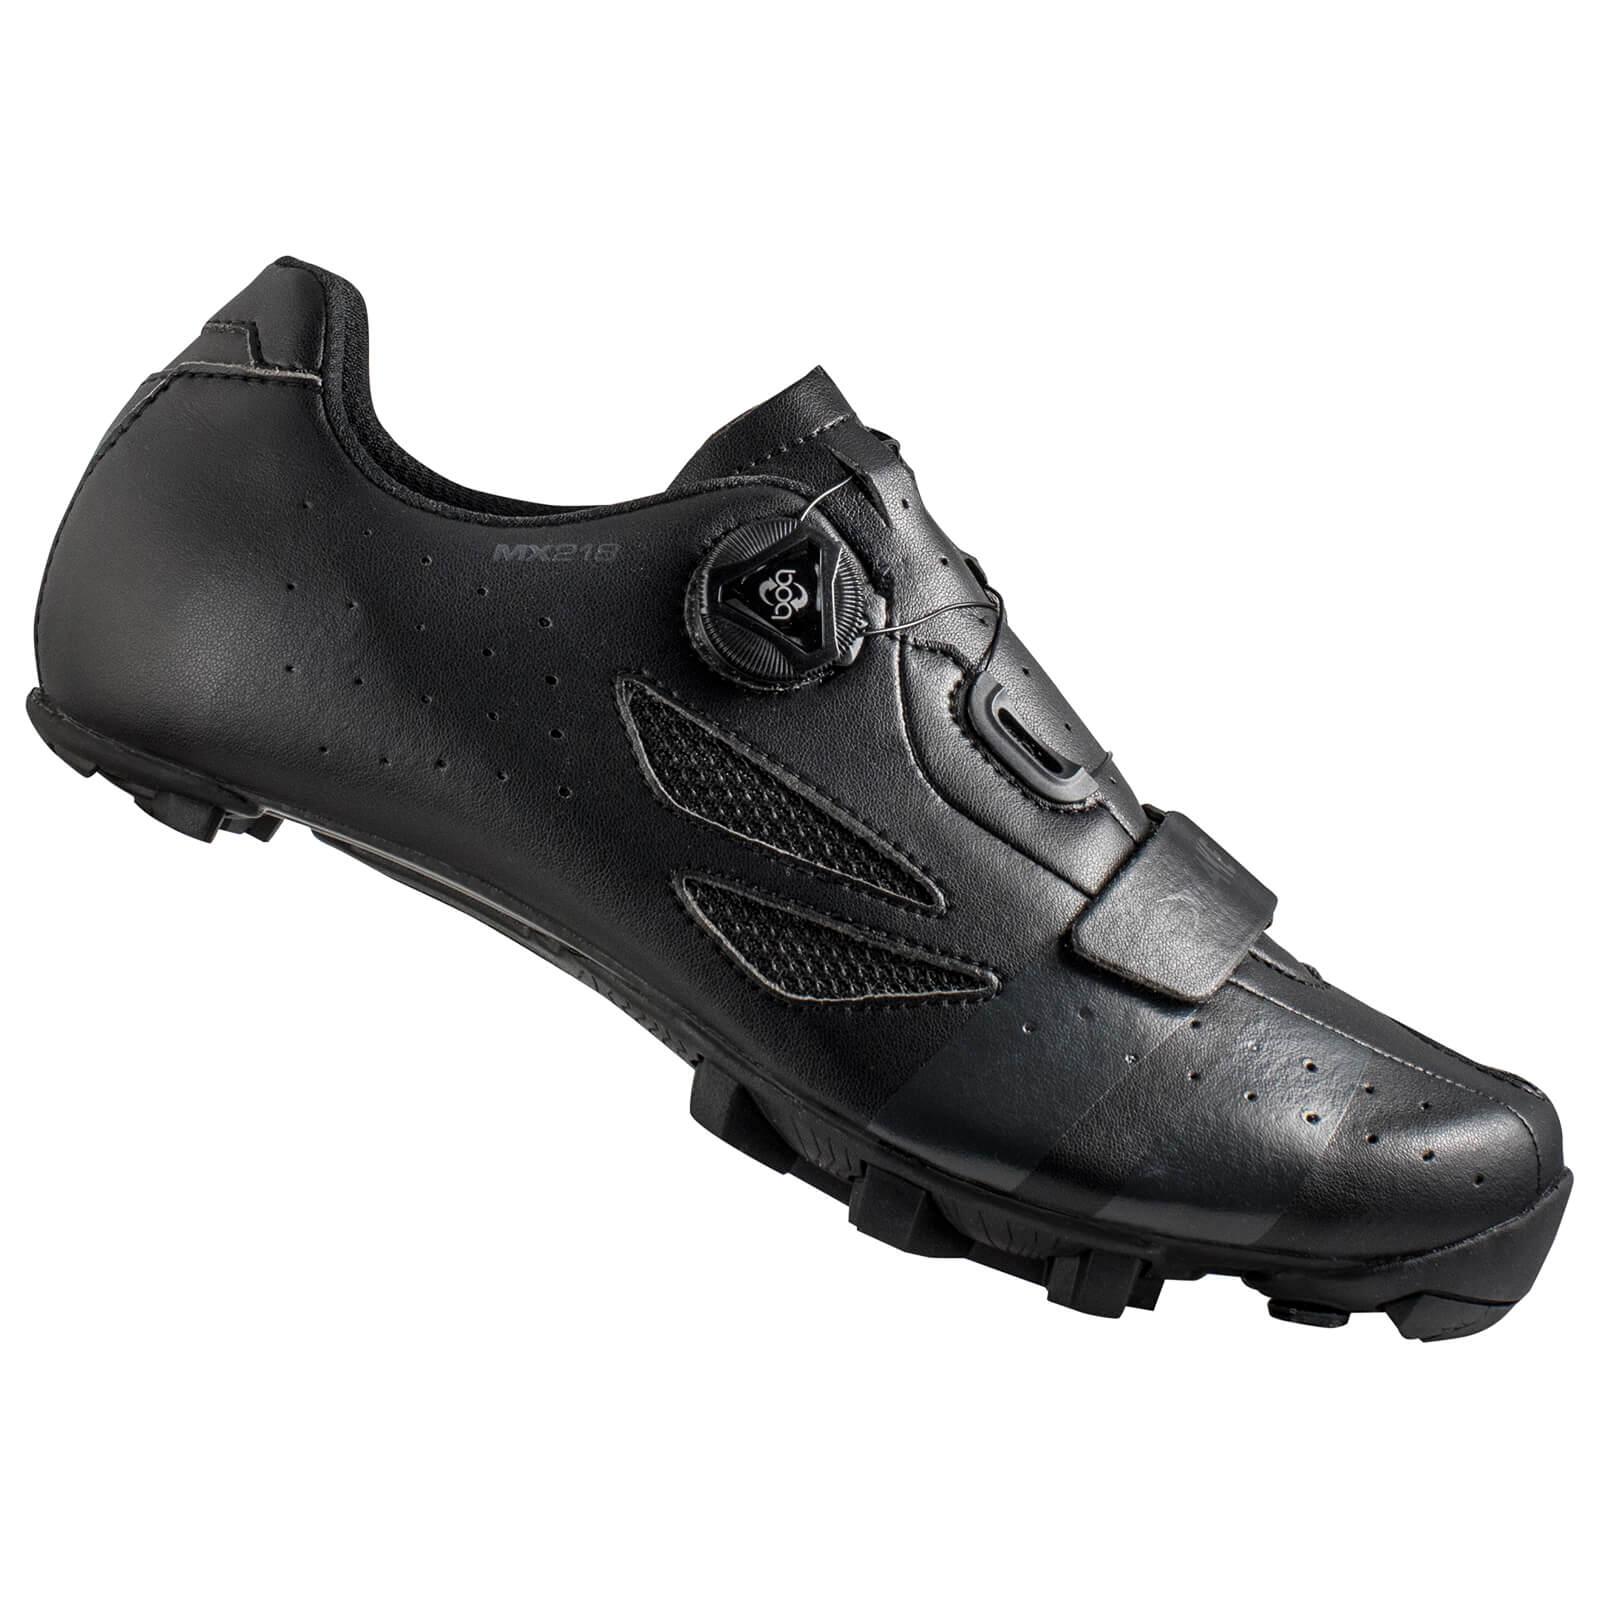 Lake MX218 Carbon MTB Shoes - Black/Grey - EU 40; male